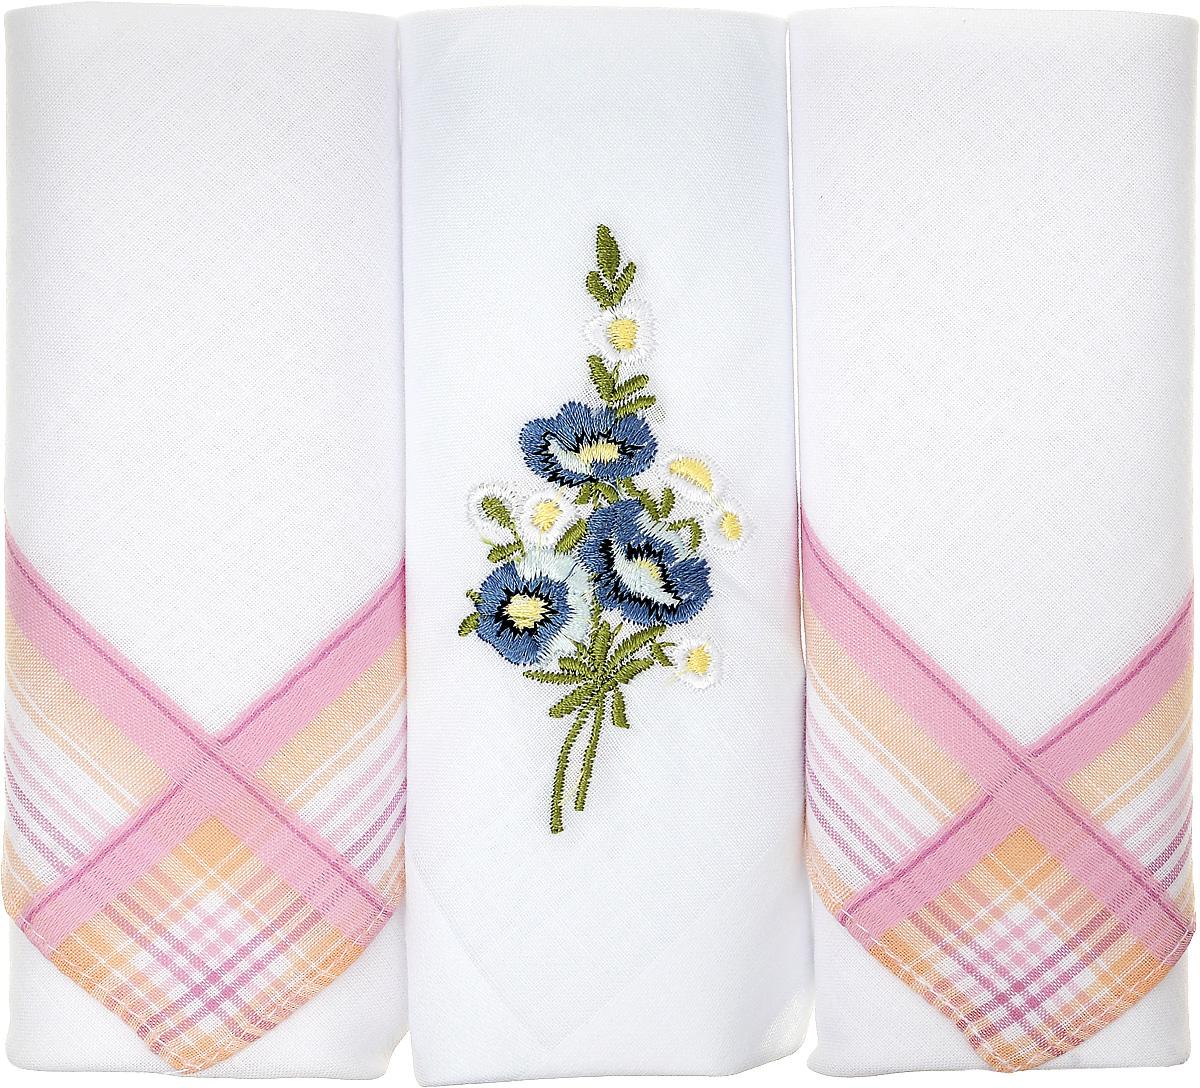 Платок носовой женский Zlata Korunka, цвет: белый, розовый, 3 шт. 90329-38. Размер 29 см х 29 см90329-38Небольшой женский носовой платок Zlata Korunka изготовлен из высококачественного натурального хлопка, благодаря чему приятен в использовании, хорошо стирается, не садится и отлично впитывает влагу. Практичный и изящный носовой платок будет незаменим в повседневной жизни любого современного человека. Такой платок послужит стильным аксессуаром и подчеркнет ваше превосходное чувство вкуса. В комплекте 3 платка.